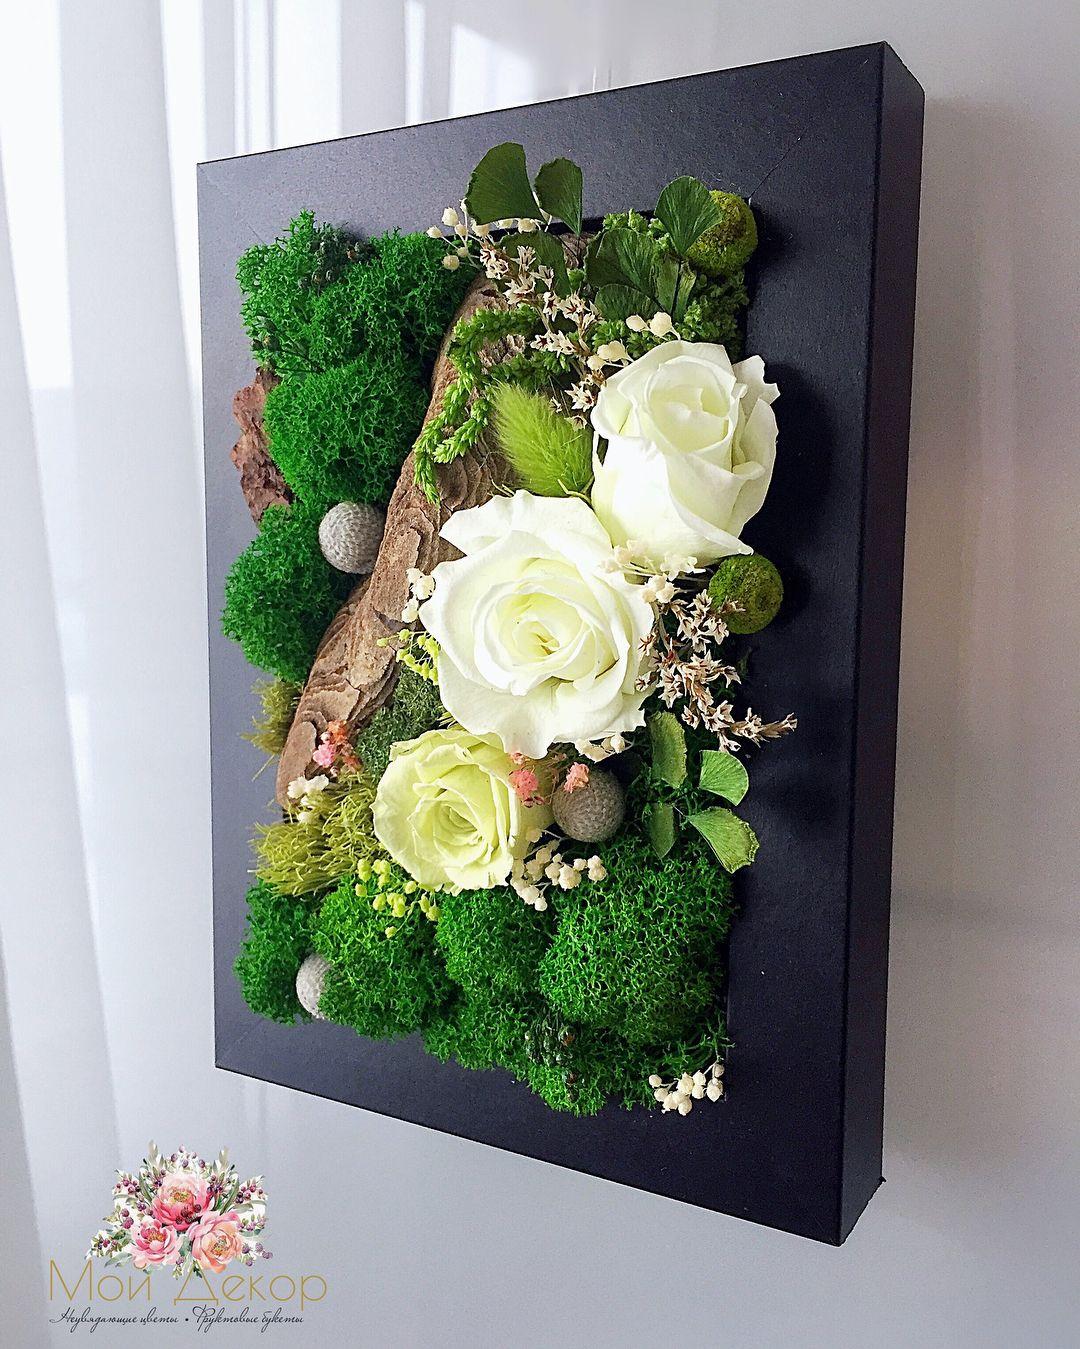 Композиции из горшечных растений для оформления дома, цветочные композиции в горшках из домашних цветов